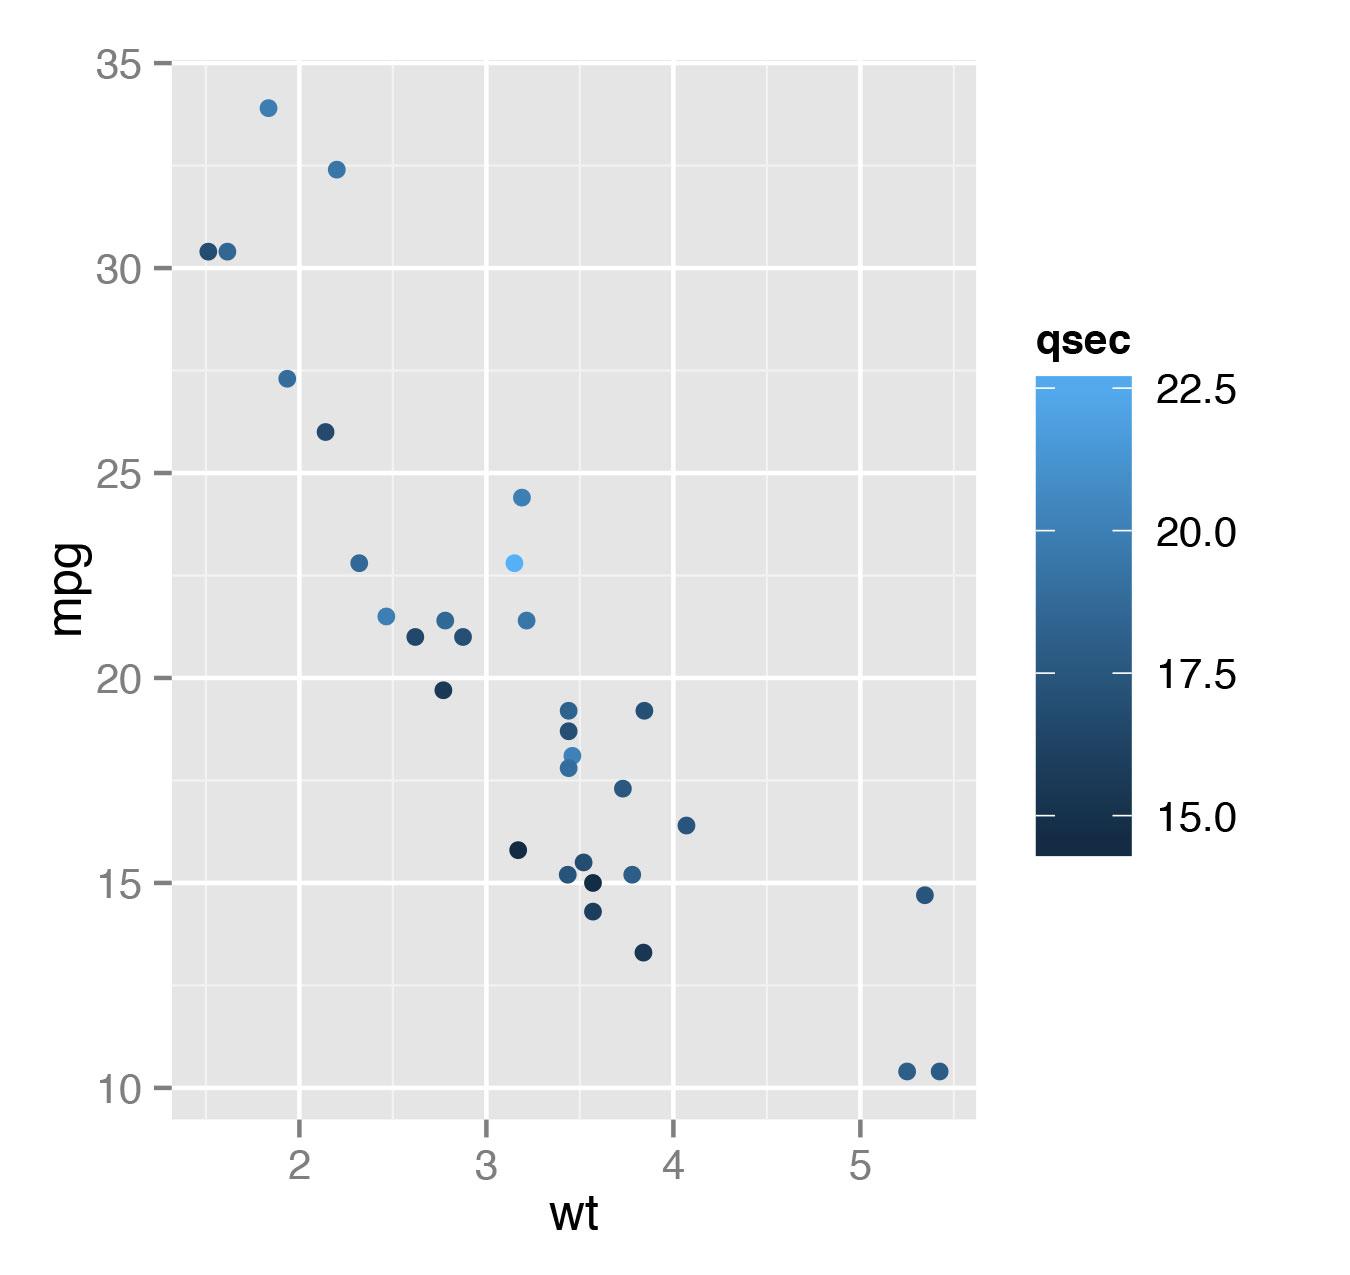 Рис. 2. Диаграмма зависимости экономичности автомобиля от массы